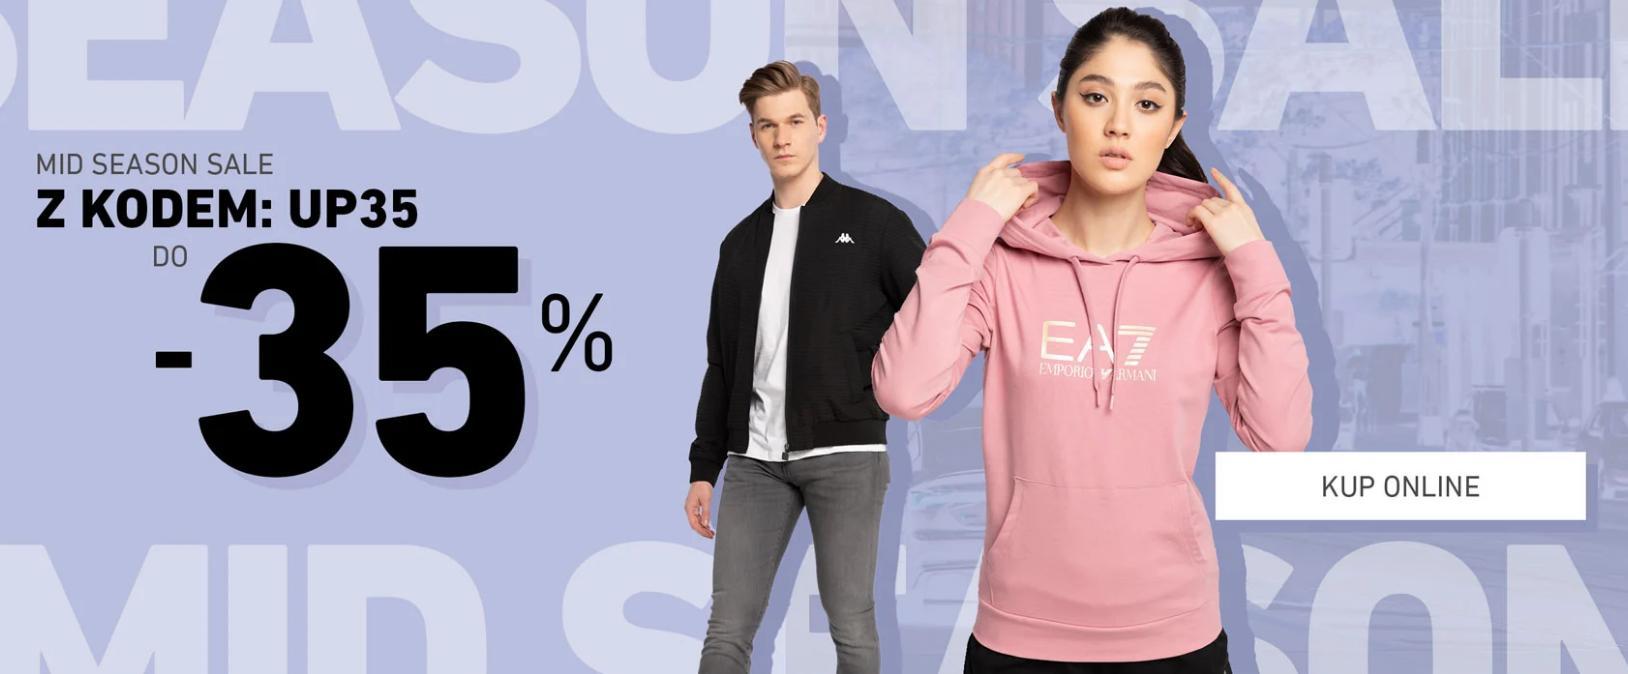 Eastend: wyprzedaż do 35% rabatu na odzież i obuwie streetwear